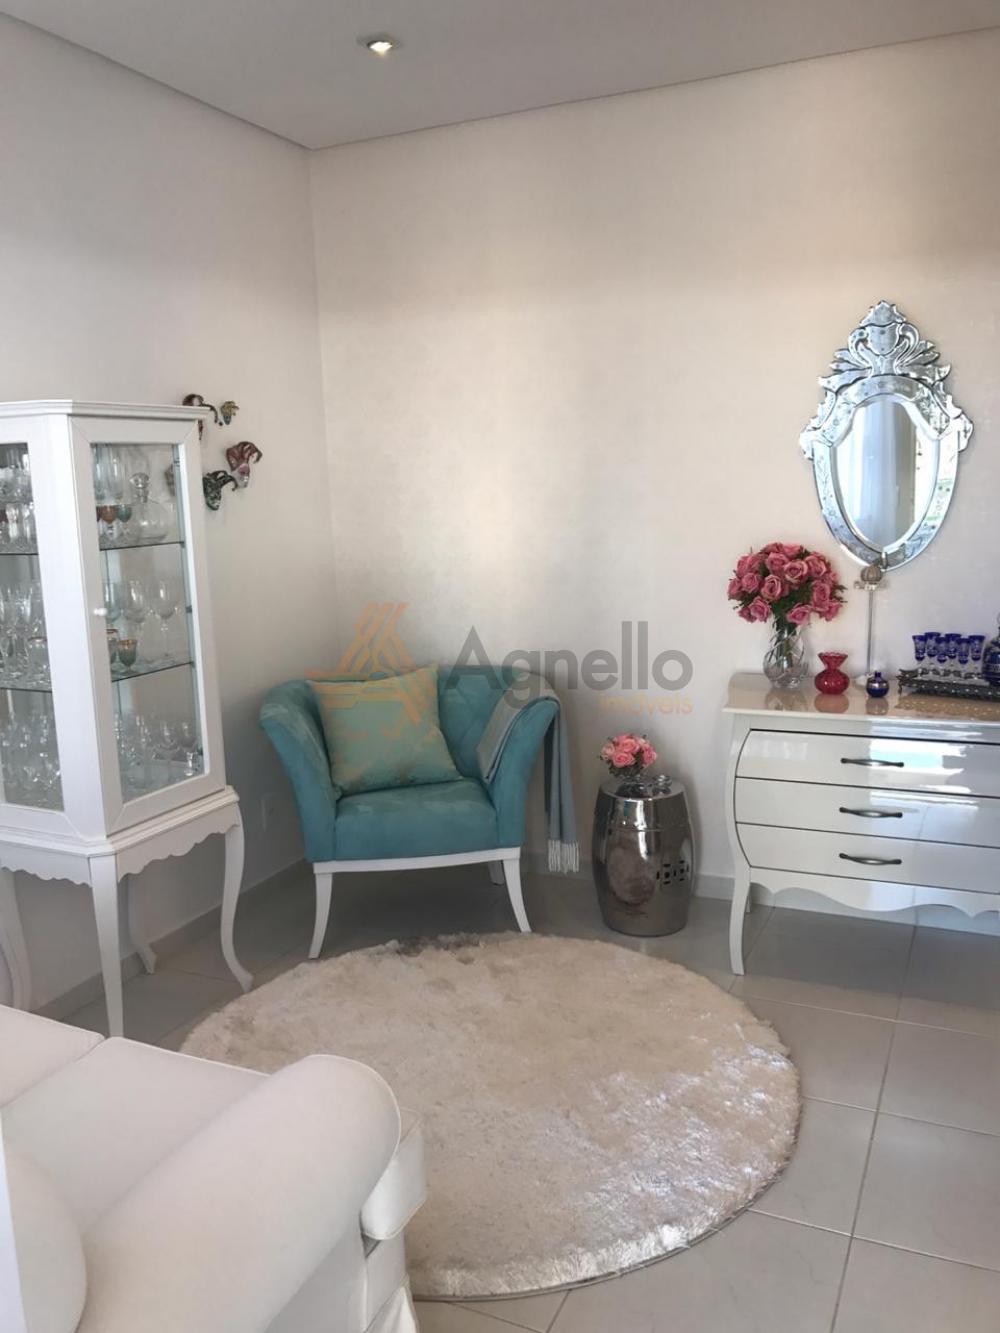 Comprar Casa / Condomínio em Franca R$ 650.000,00 - Foto 6